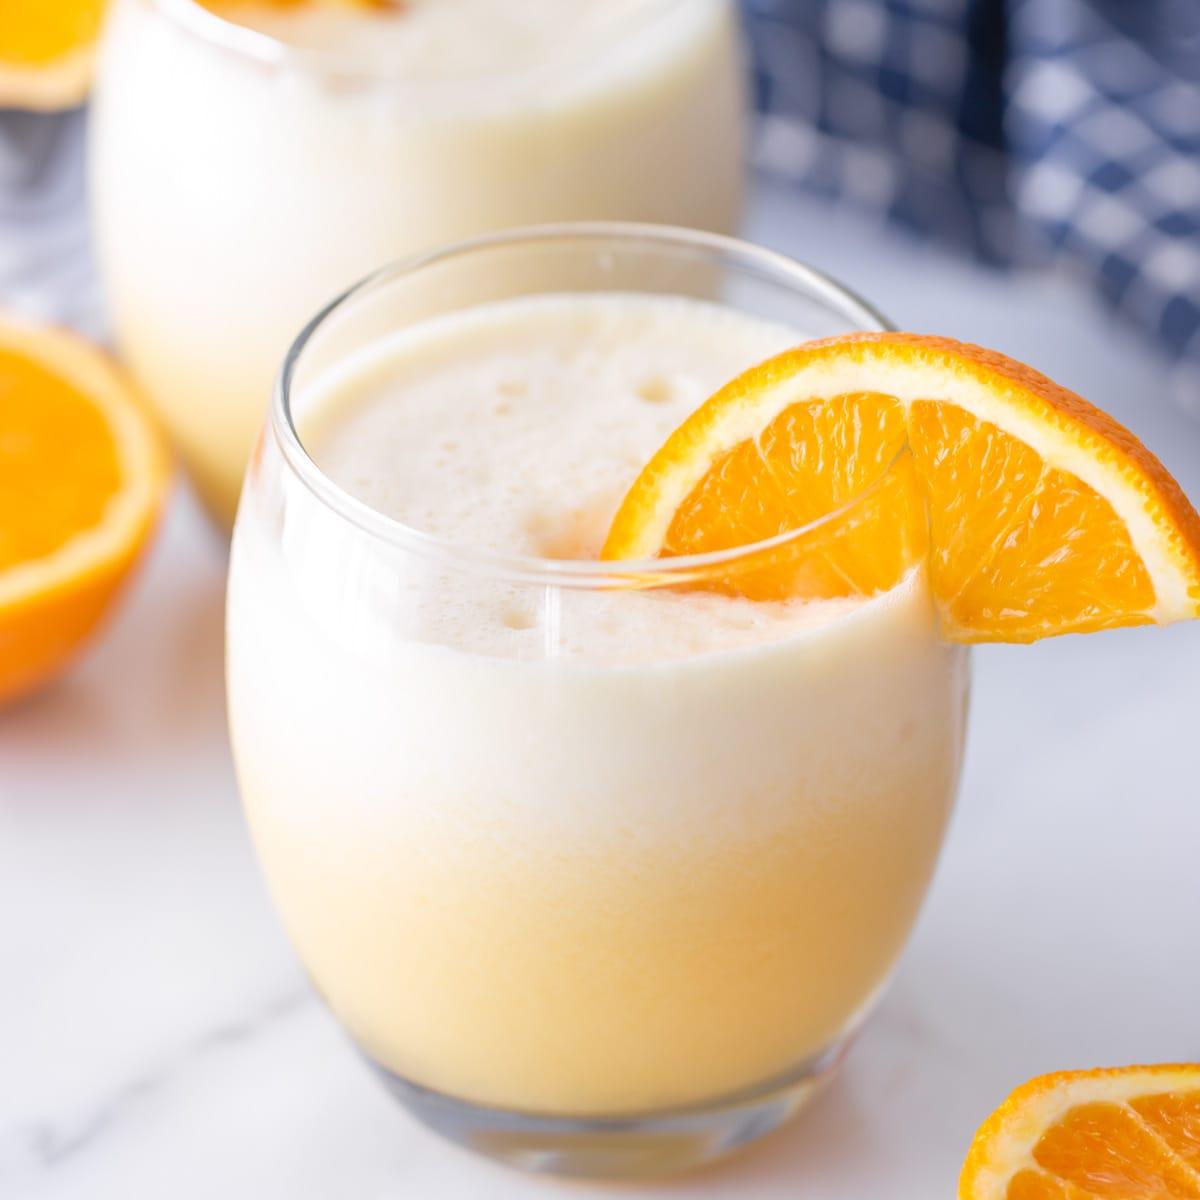 Orange julius served in a glass